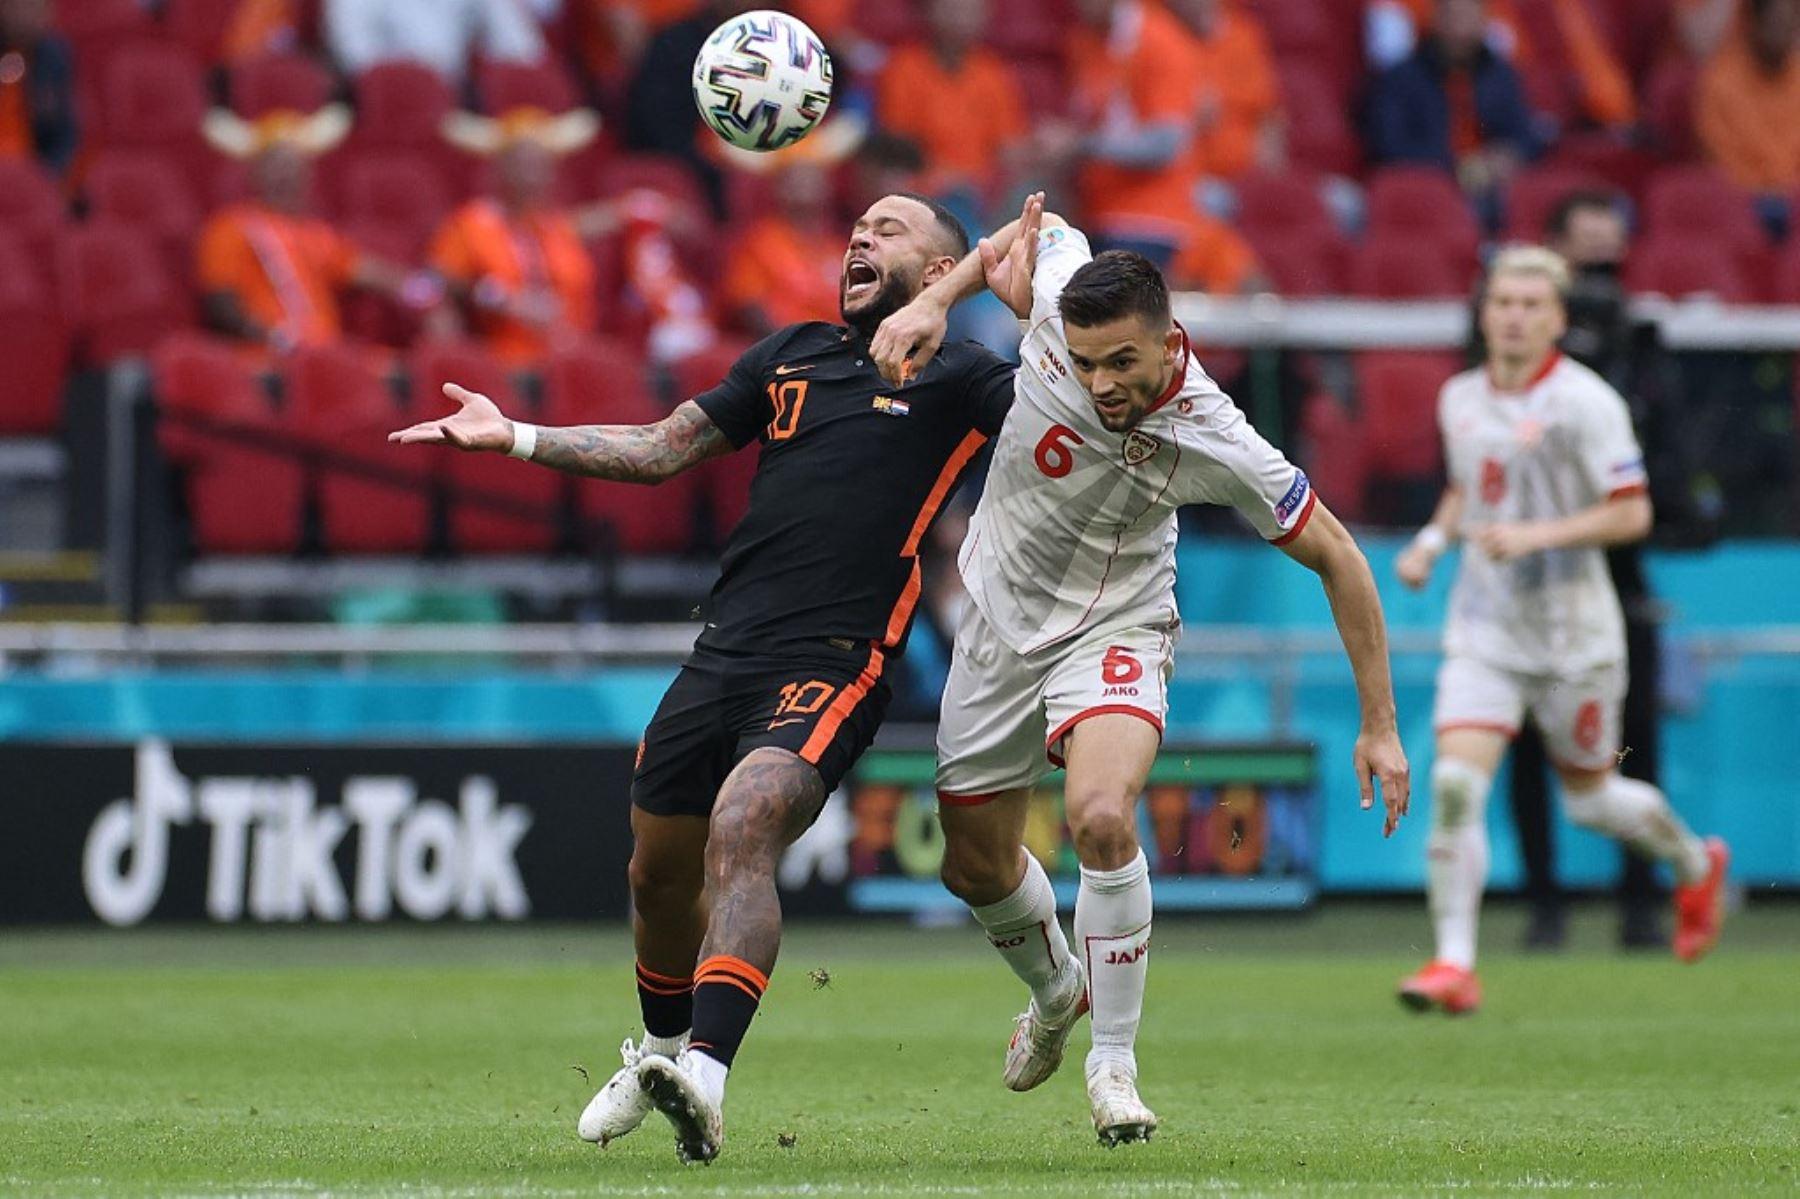 El delantero holandés Memphis Depay (L) celebra la victoria de su equipo al final del partido de fútbol del Grupo C de la UEFA EURO 2020 entre Macedonia del Norte y Holanda en el Johan Cruyff Arena de Ámsterdam. Foto: AFP